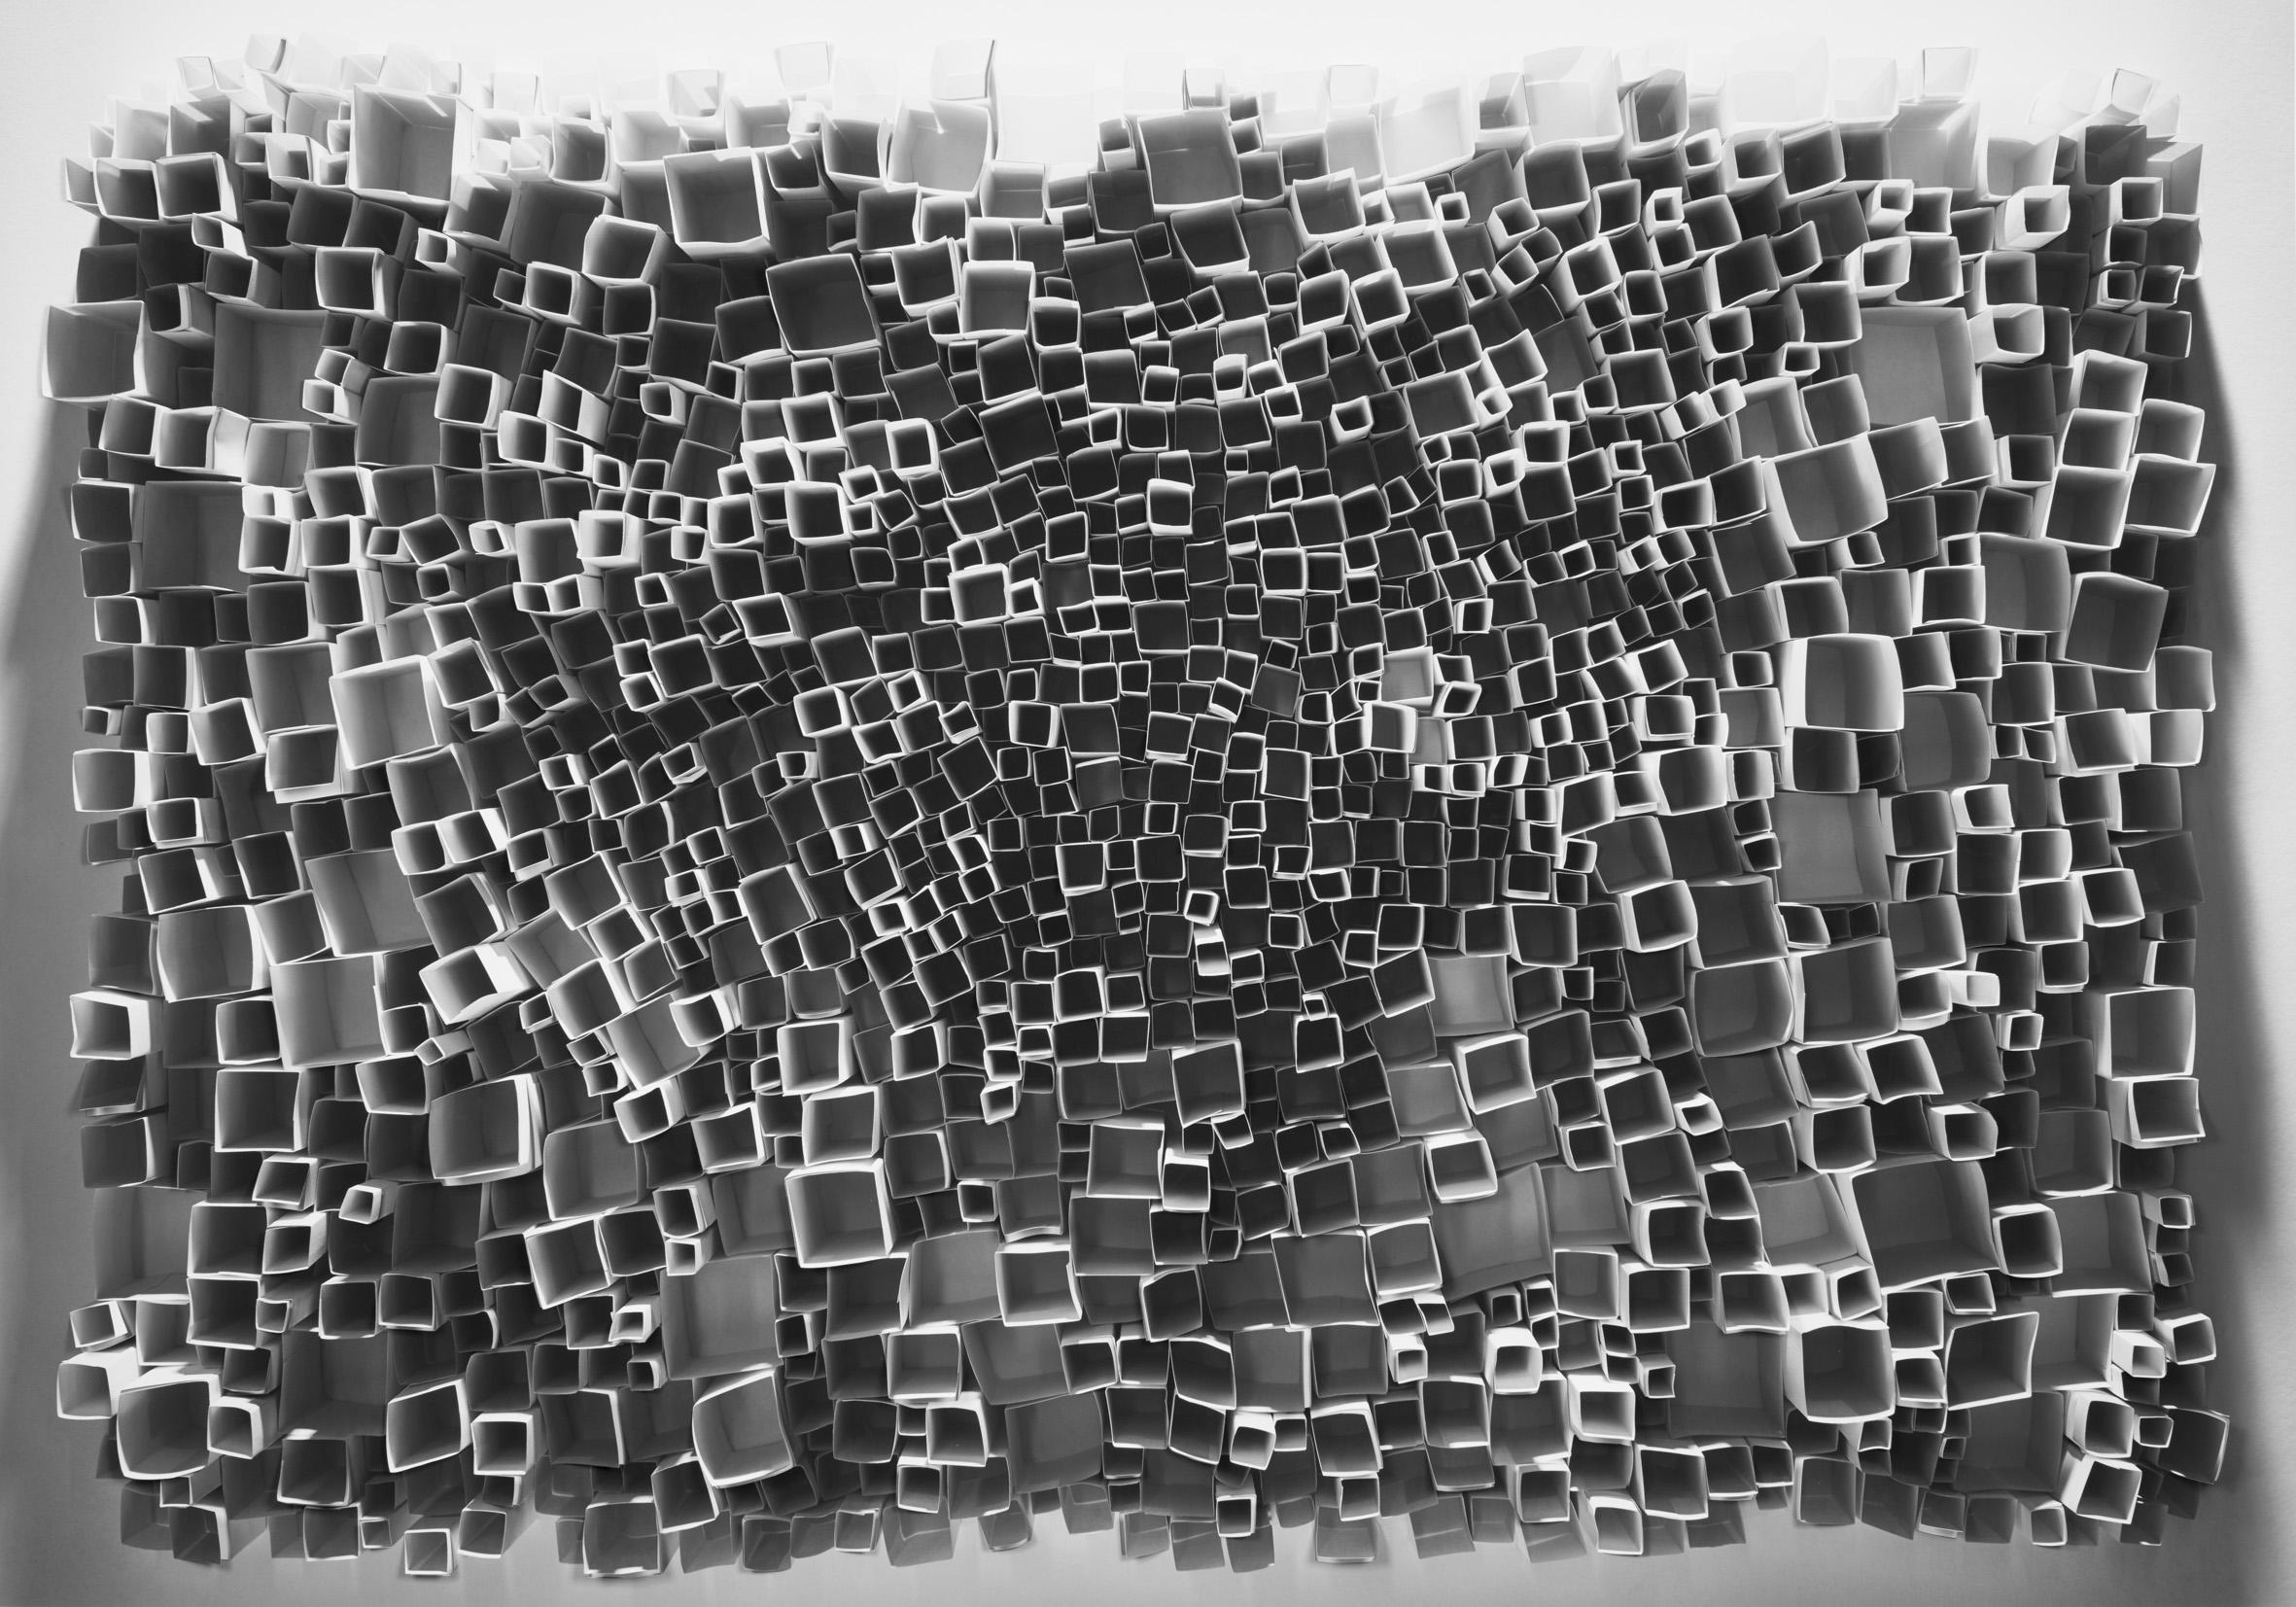 Partition 43_2015_140 x 200 x 3 cm